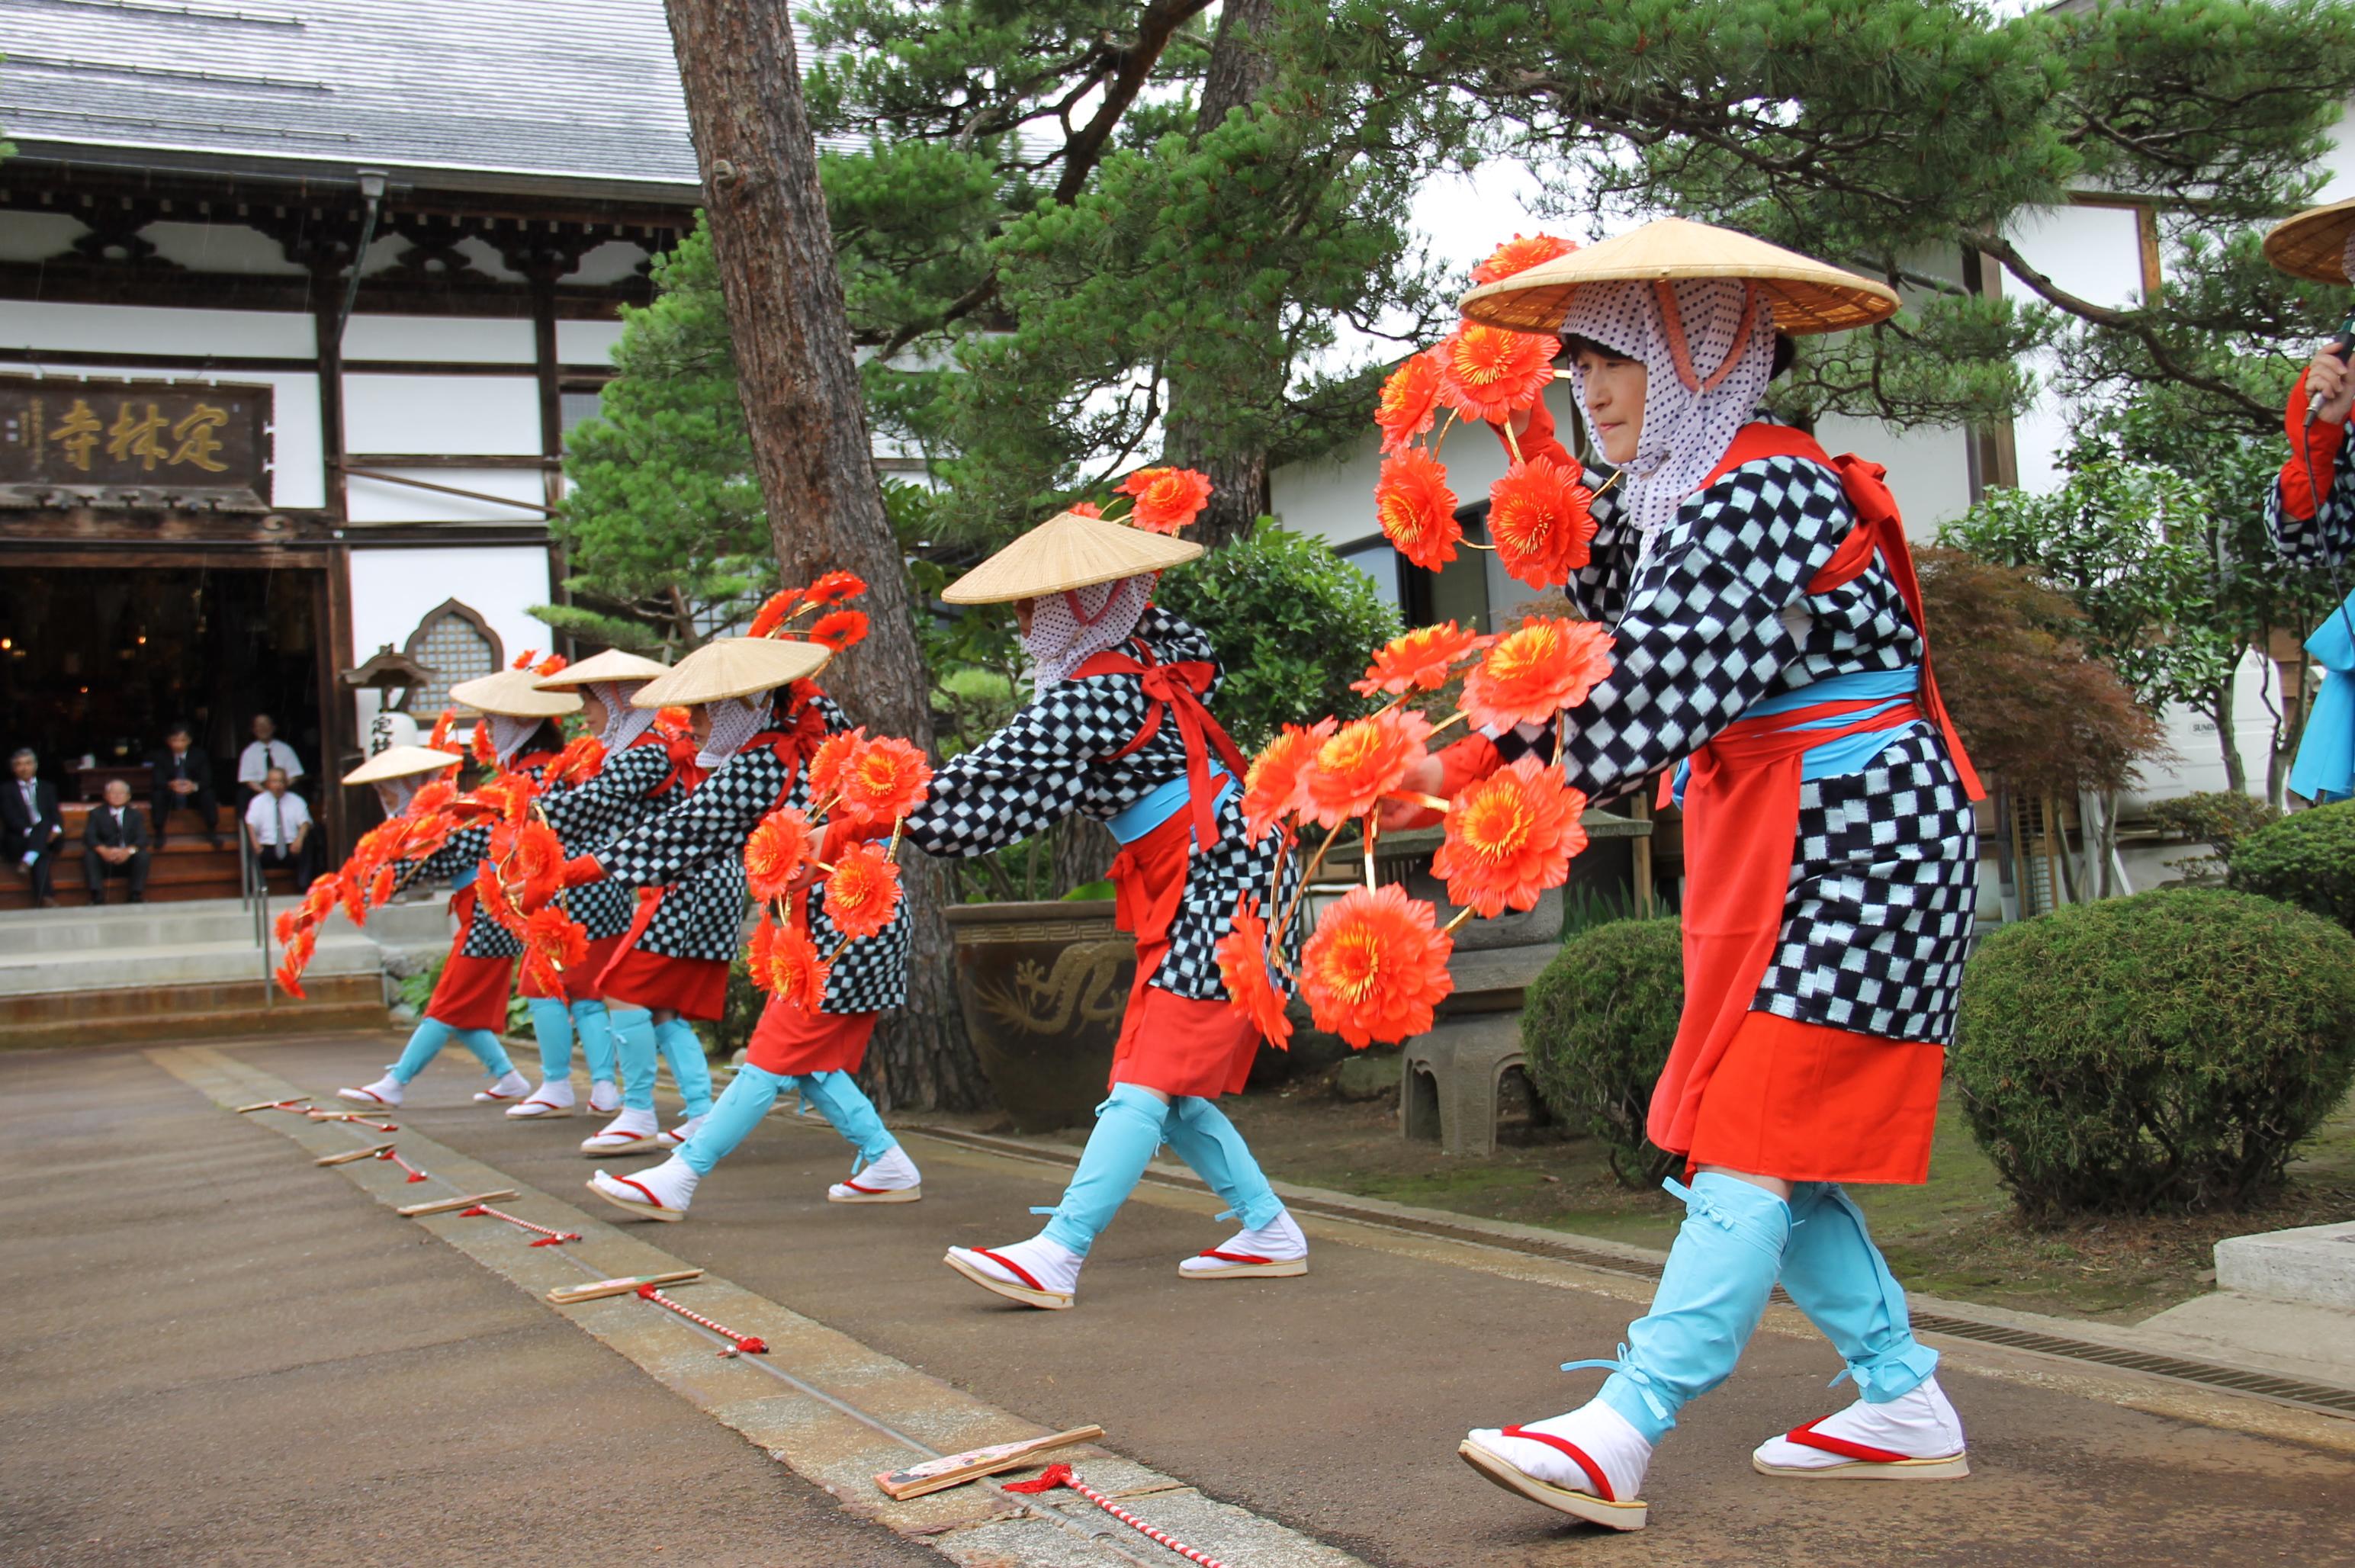 会津坂下はグルメが充実した町!全国から人が集まる「坂下初市」とは?